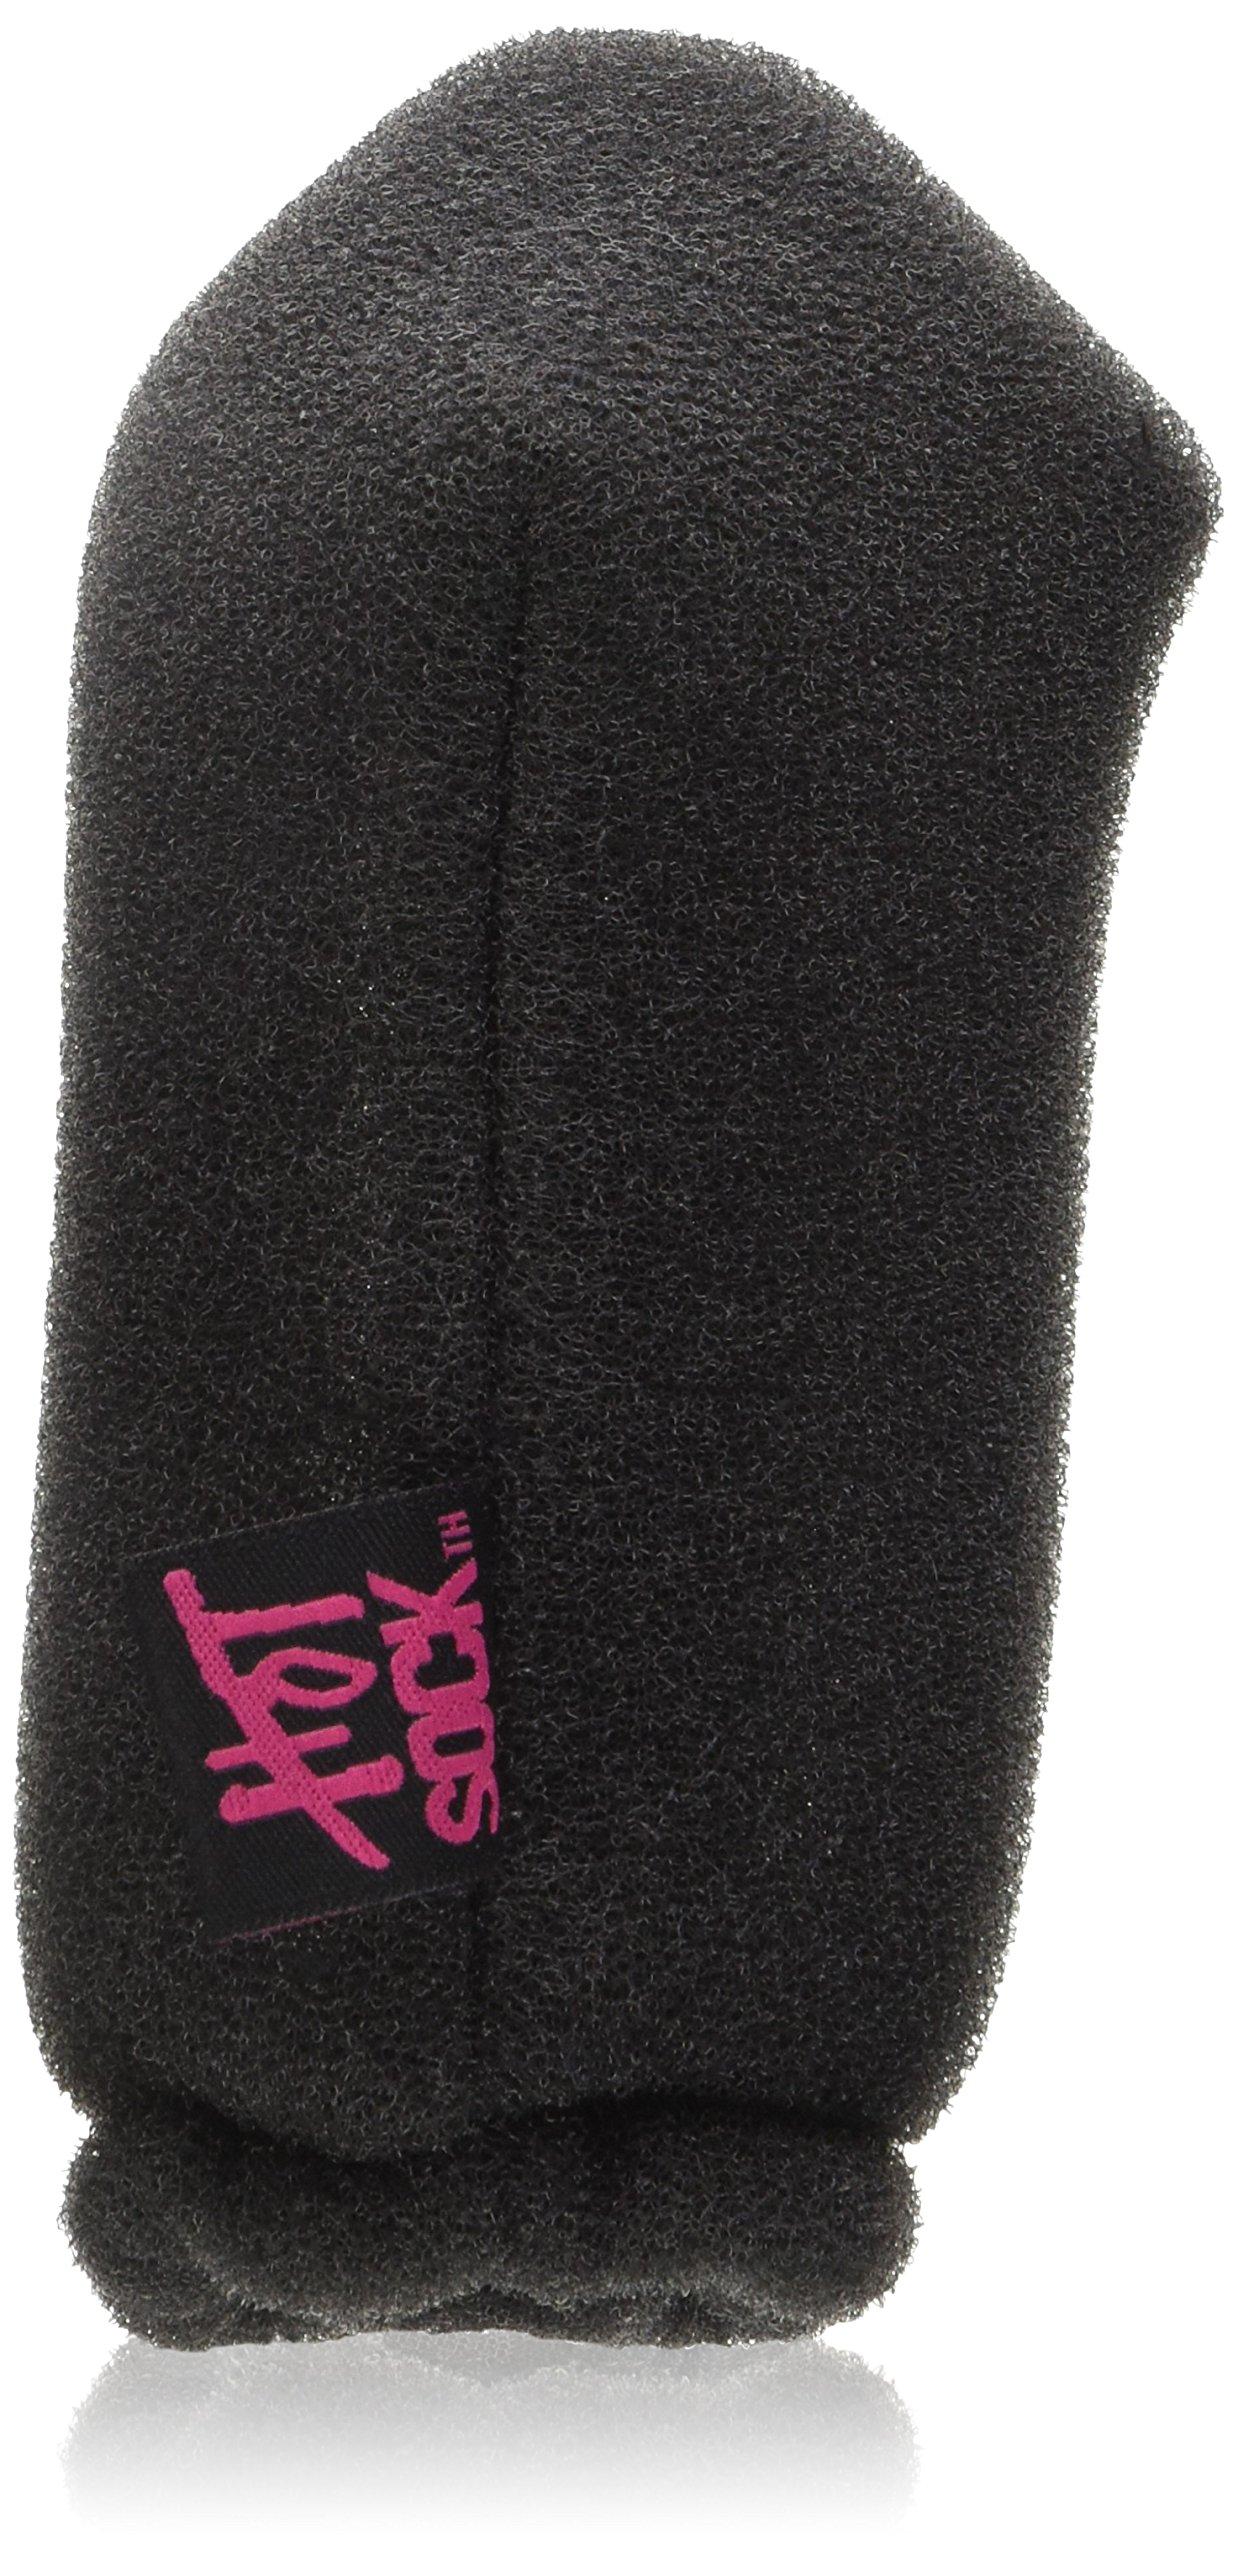 Hot Sock Diffuser - Pack of 2!